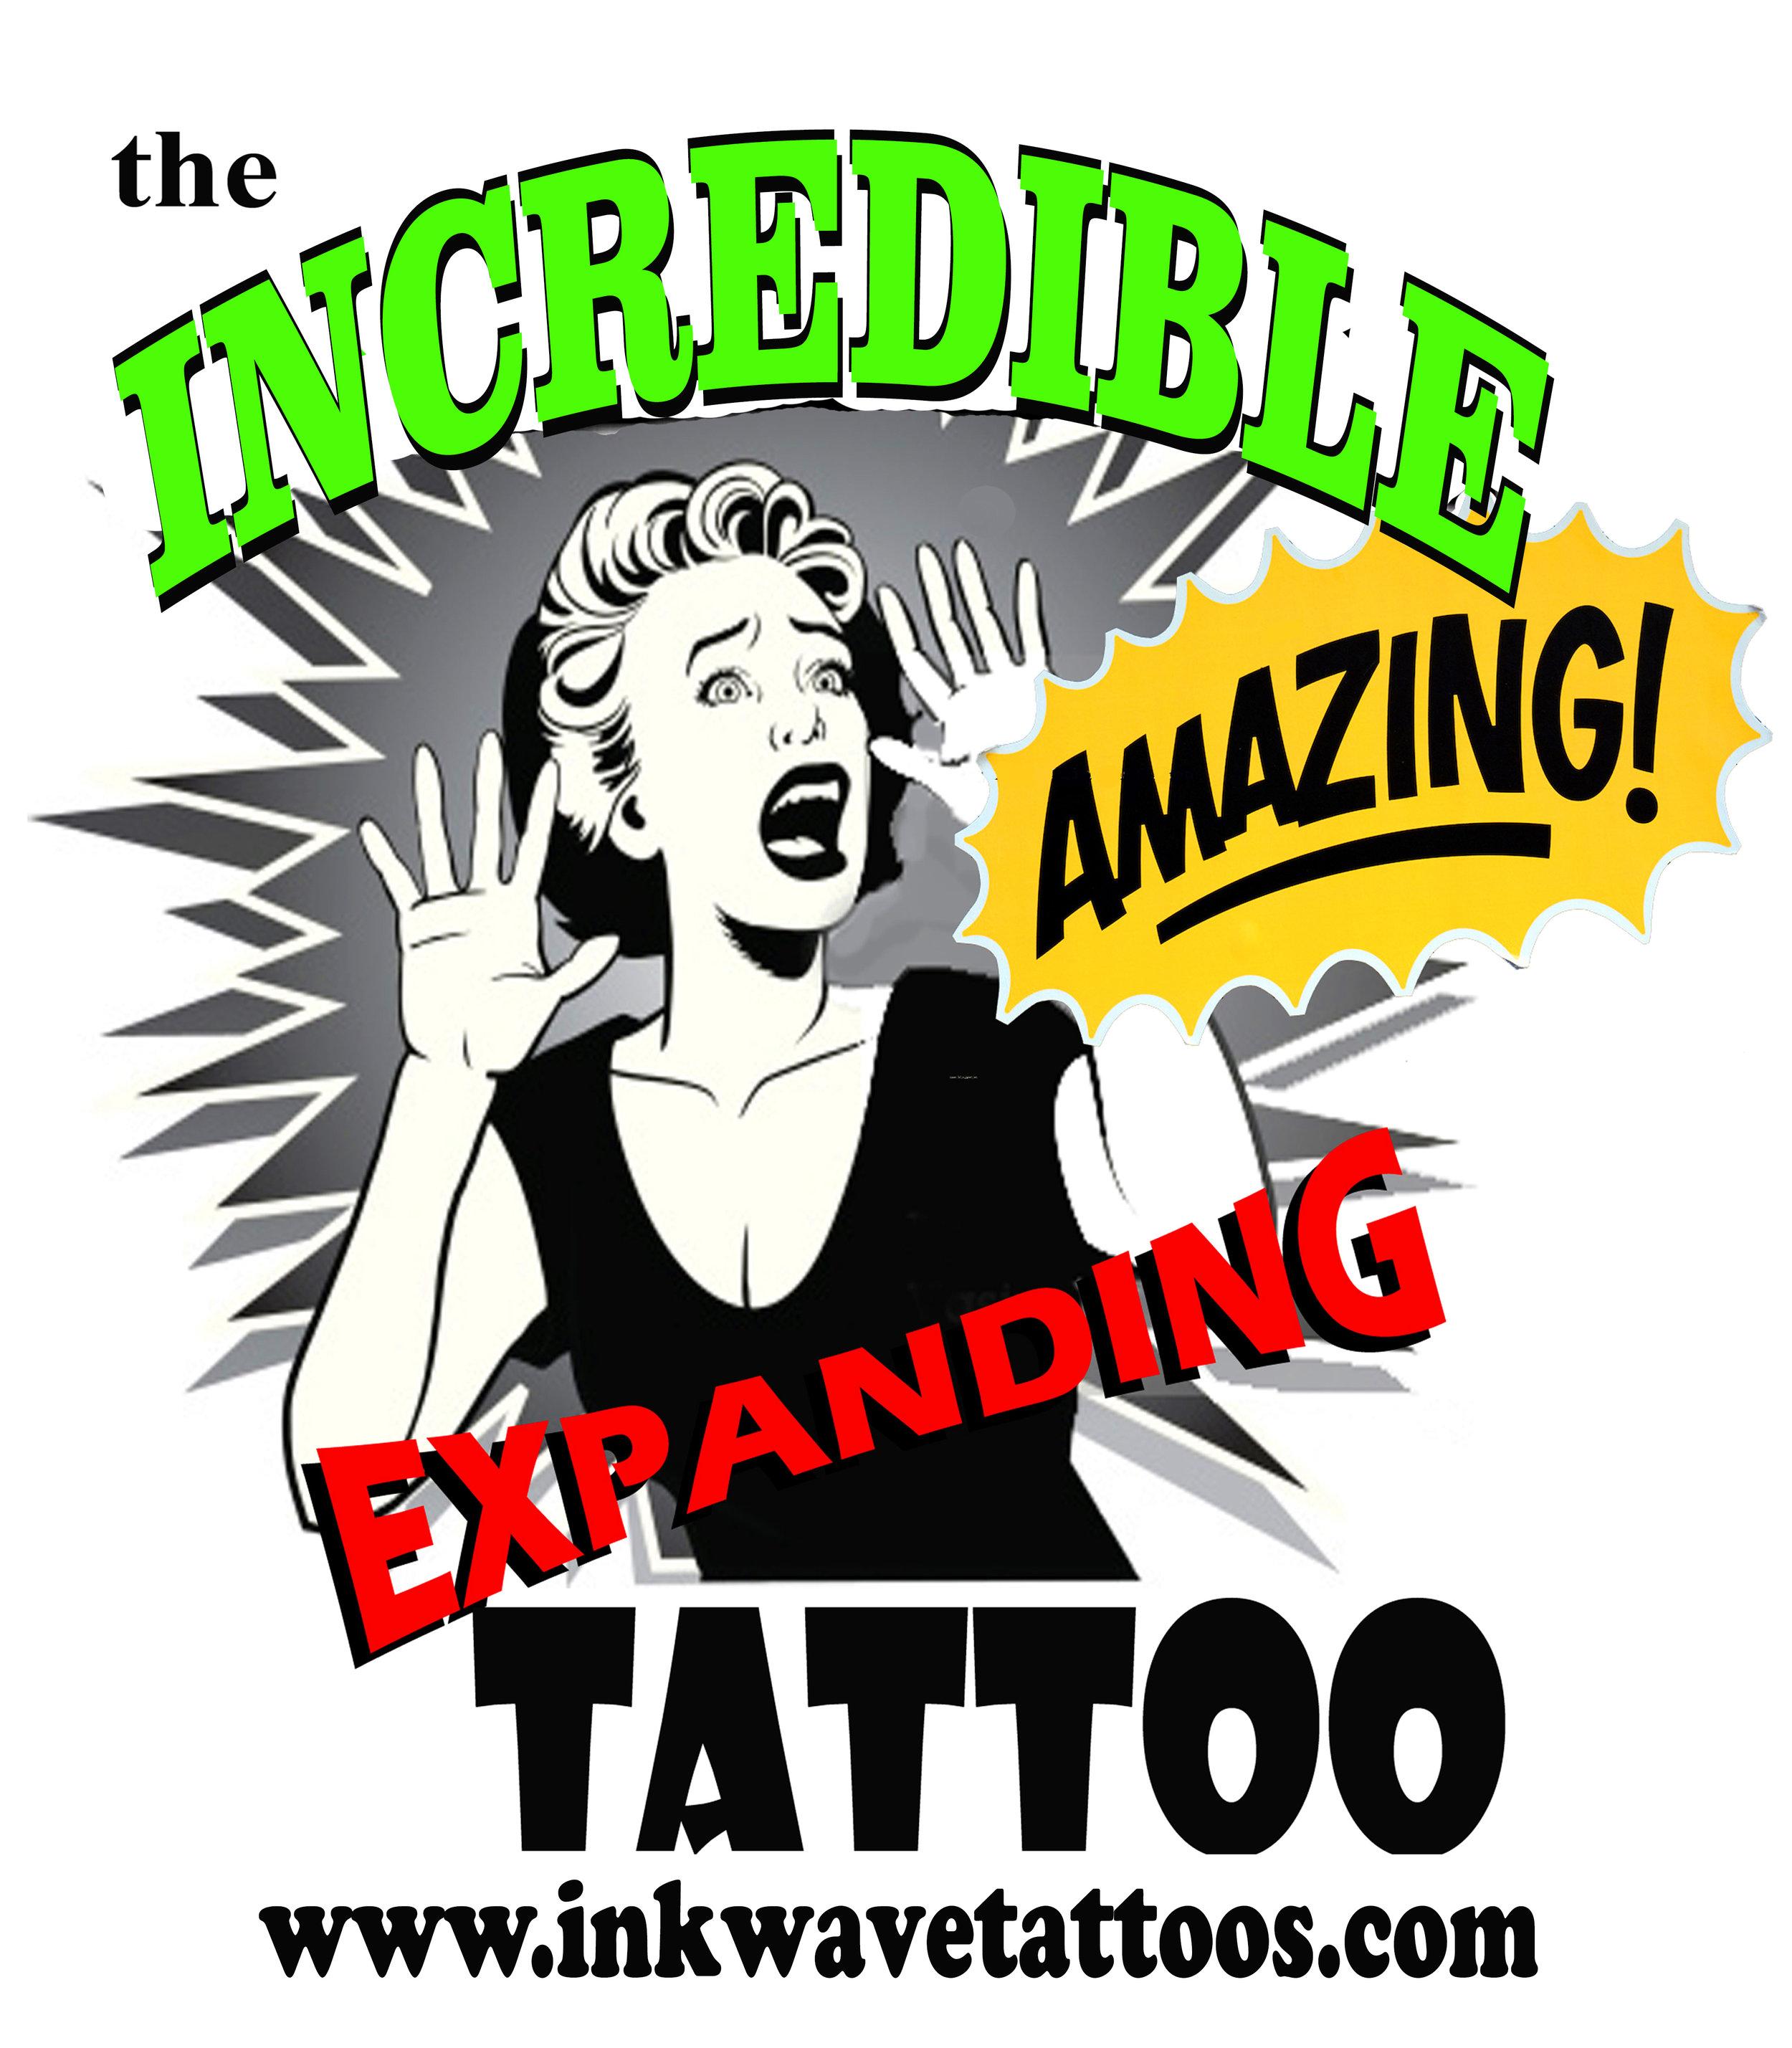 expanding tatoo.jpg